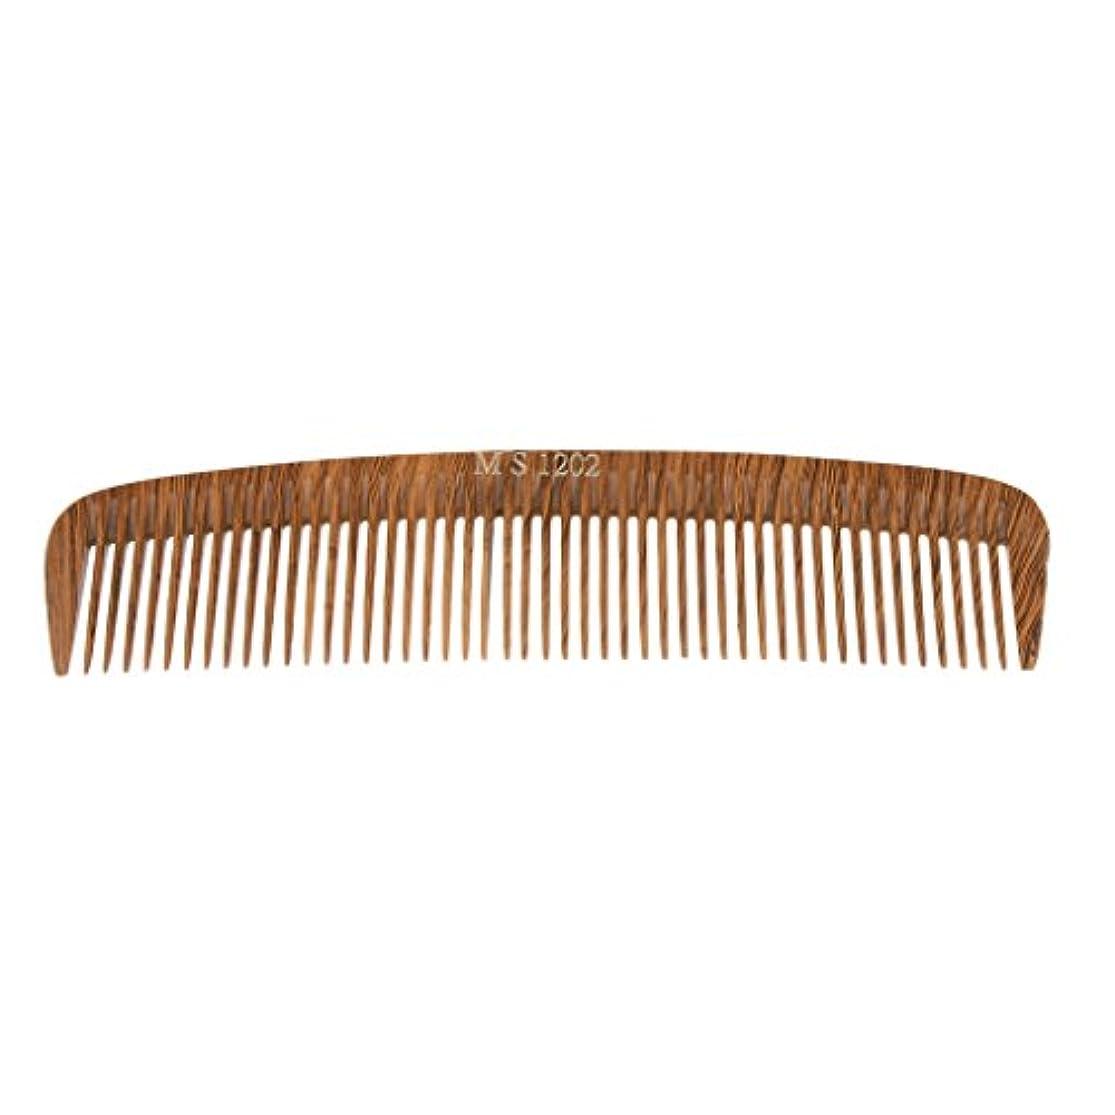 ロデオ要塞征服するヘアカットコーム コーム 木製櫛 くし ヘアブラシ ウッド 帯電防止 4タイプ選べる - 1202